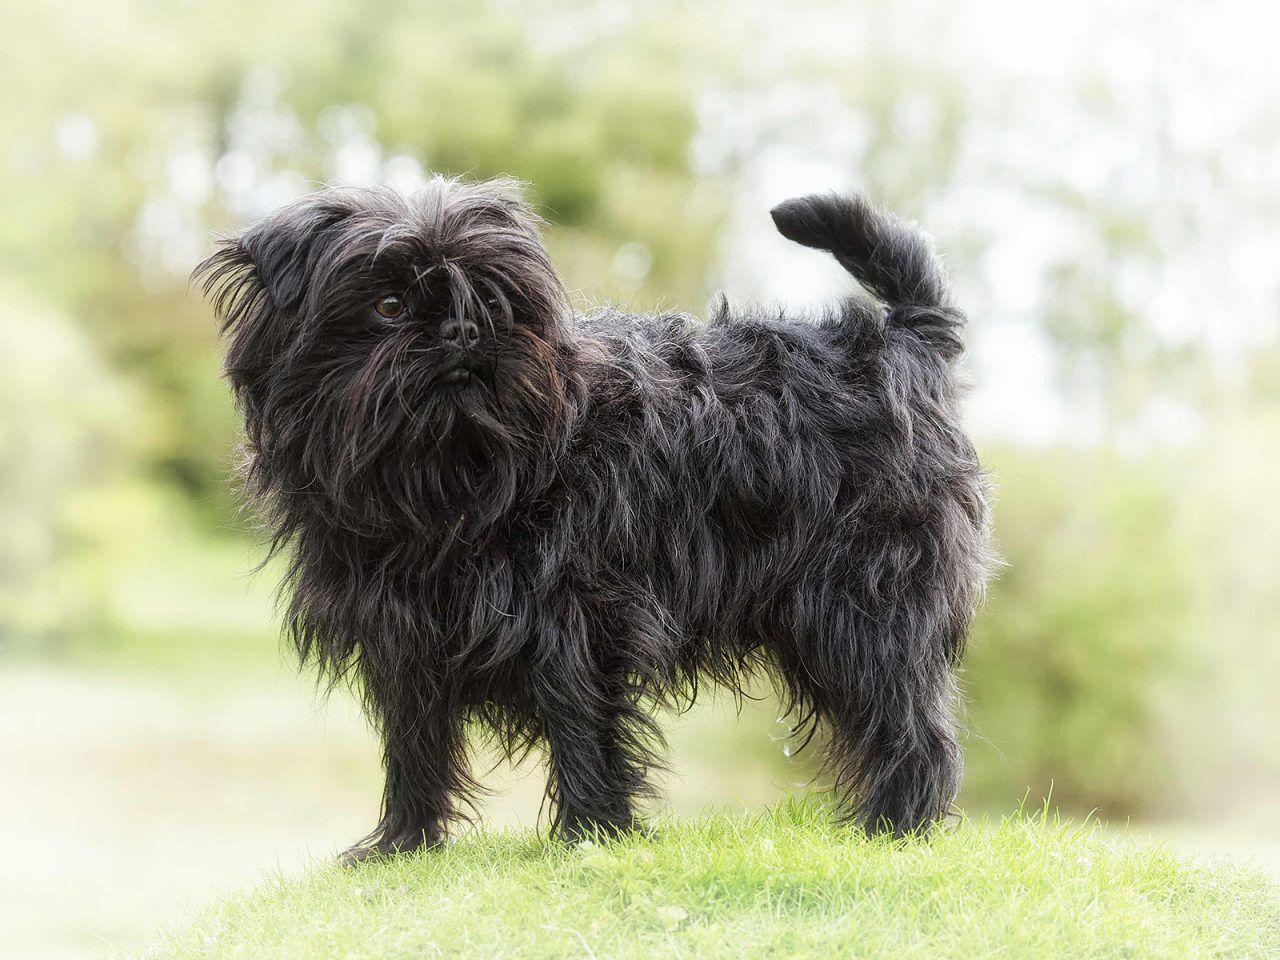 Affenpinscher In 2020 Affenpinscher Dog Cute Small Dogs Dog Breeds